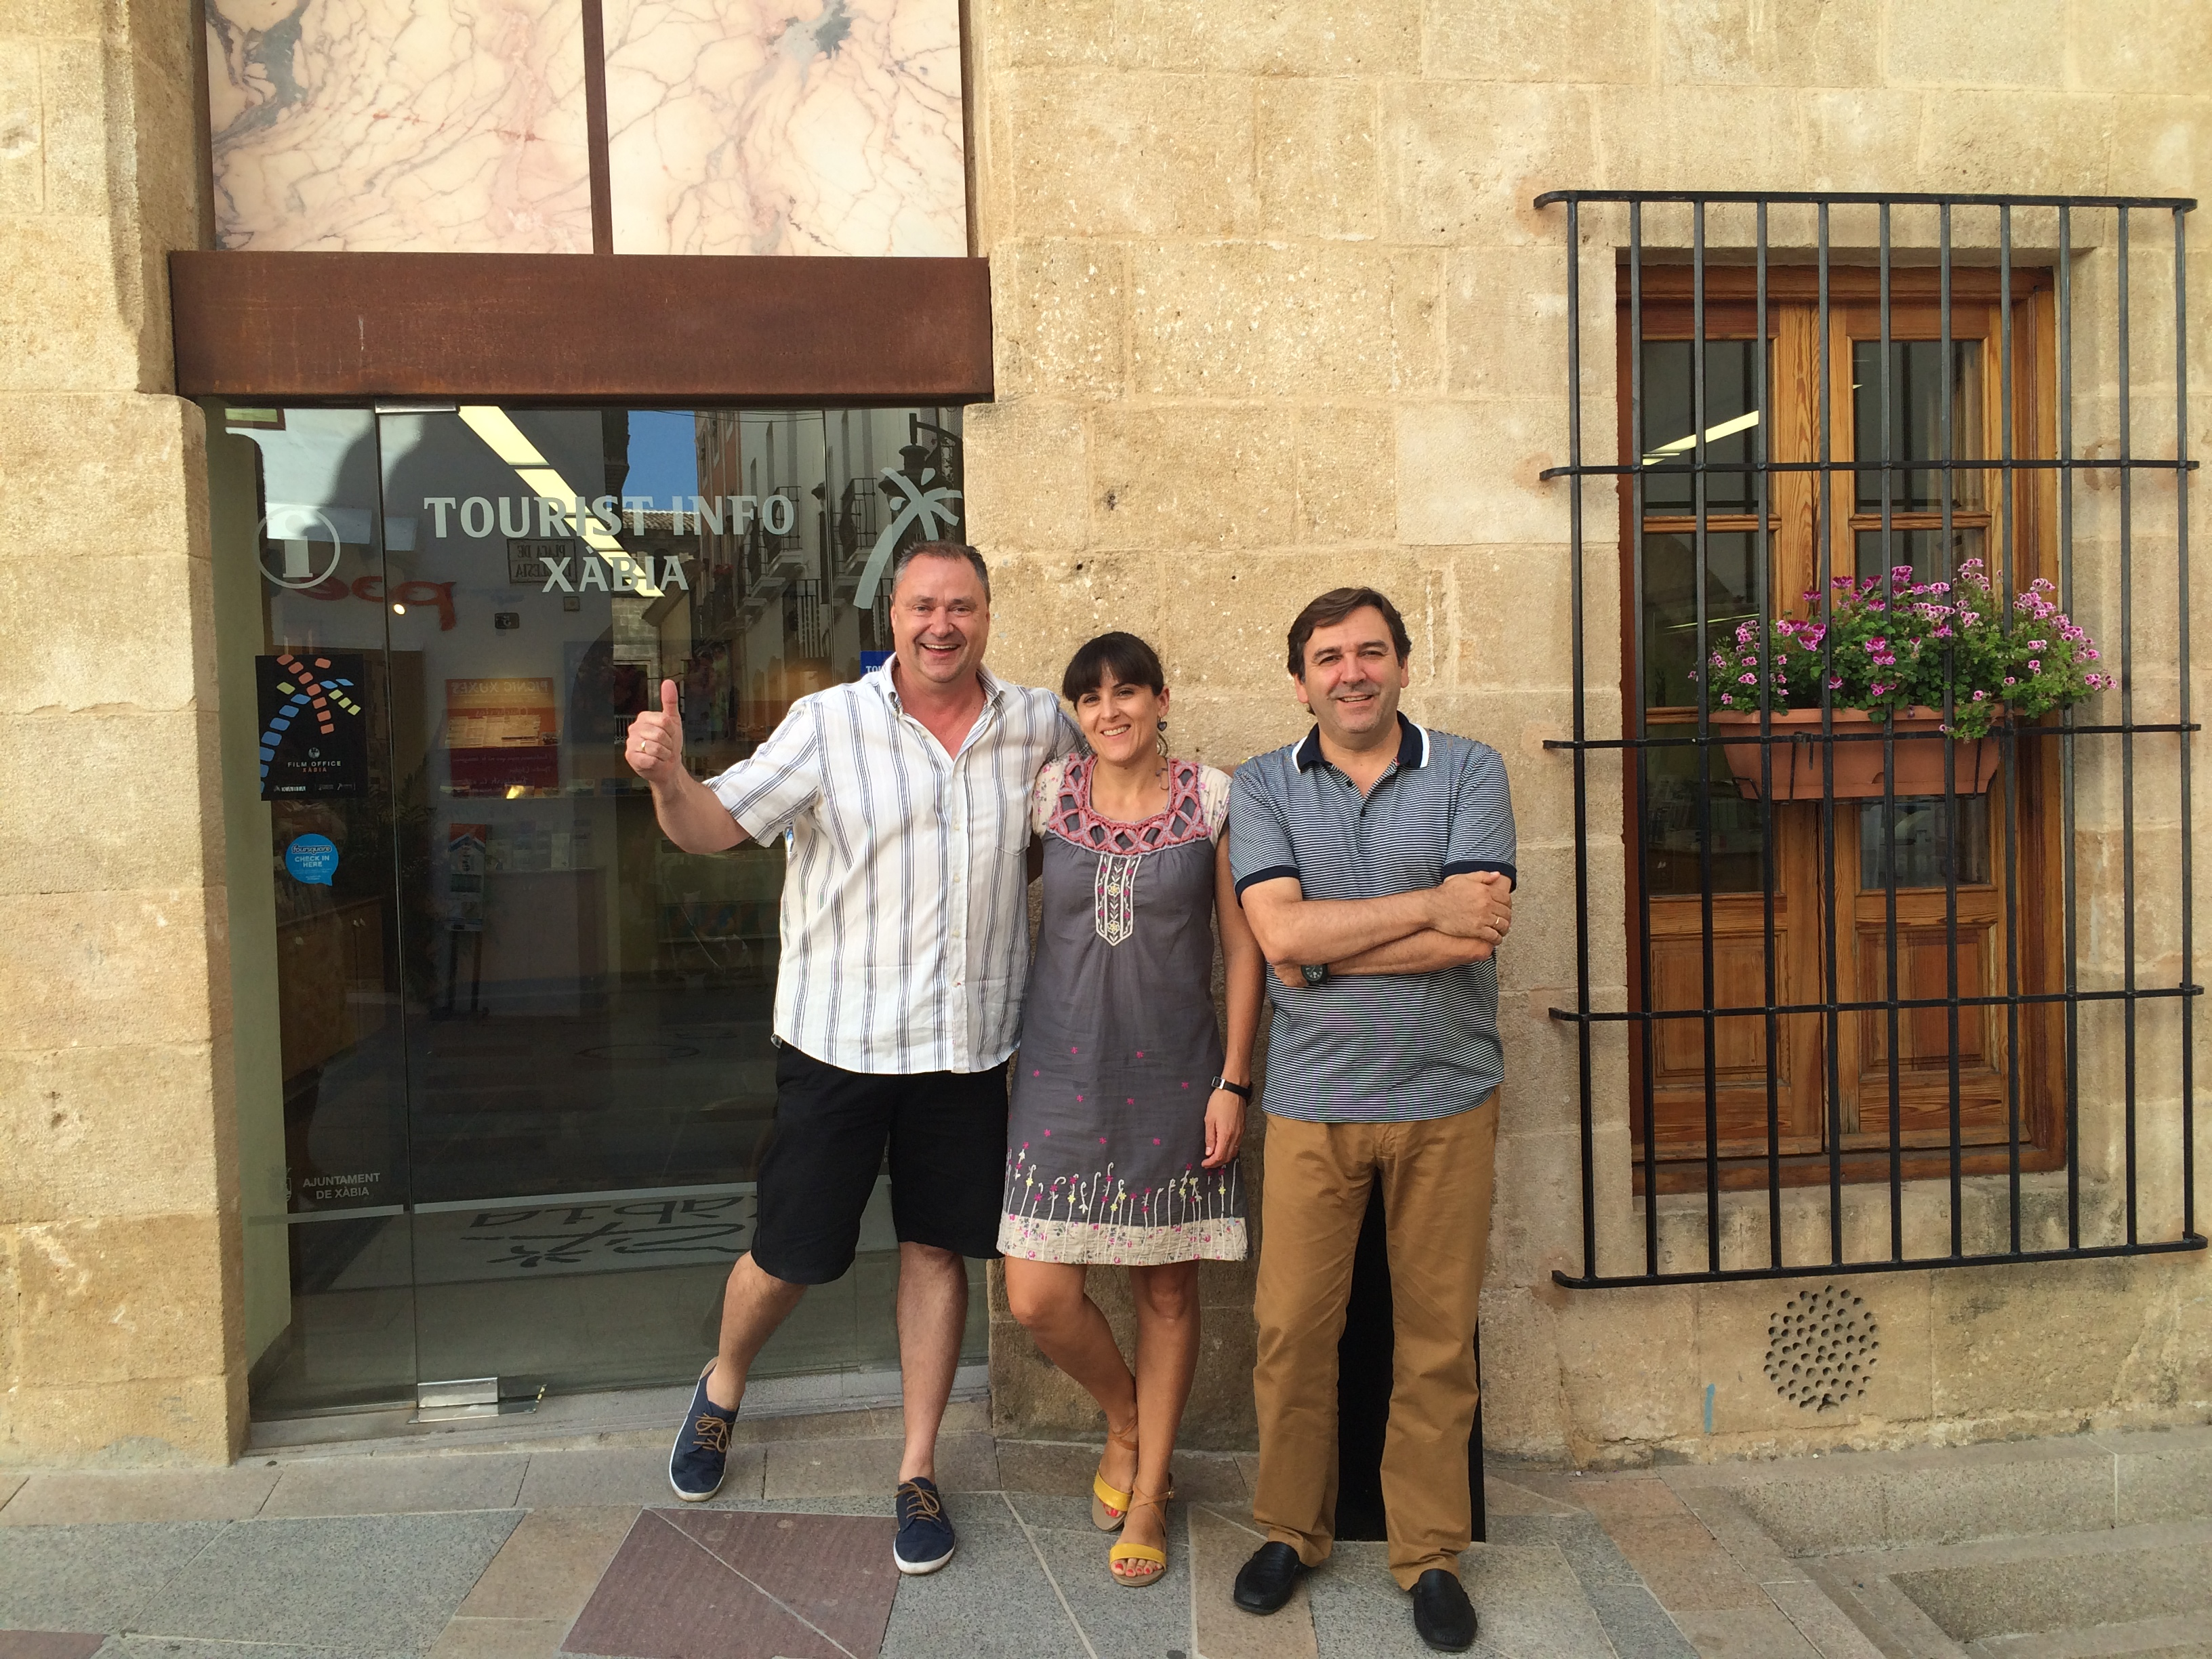 Un caso de éxito con Redes Sociales: Xàbia Turisme/Turismo de Jávea #xabia365, Mario Schumacher Blog